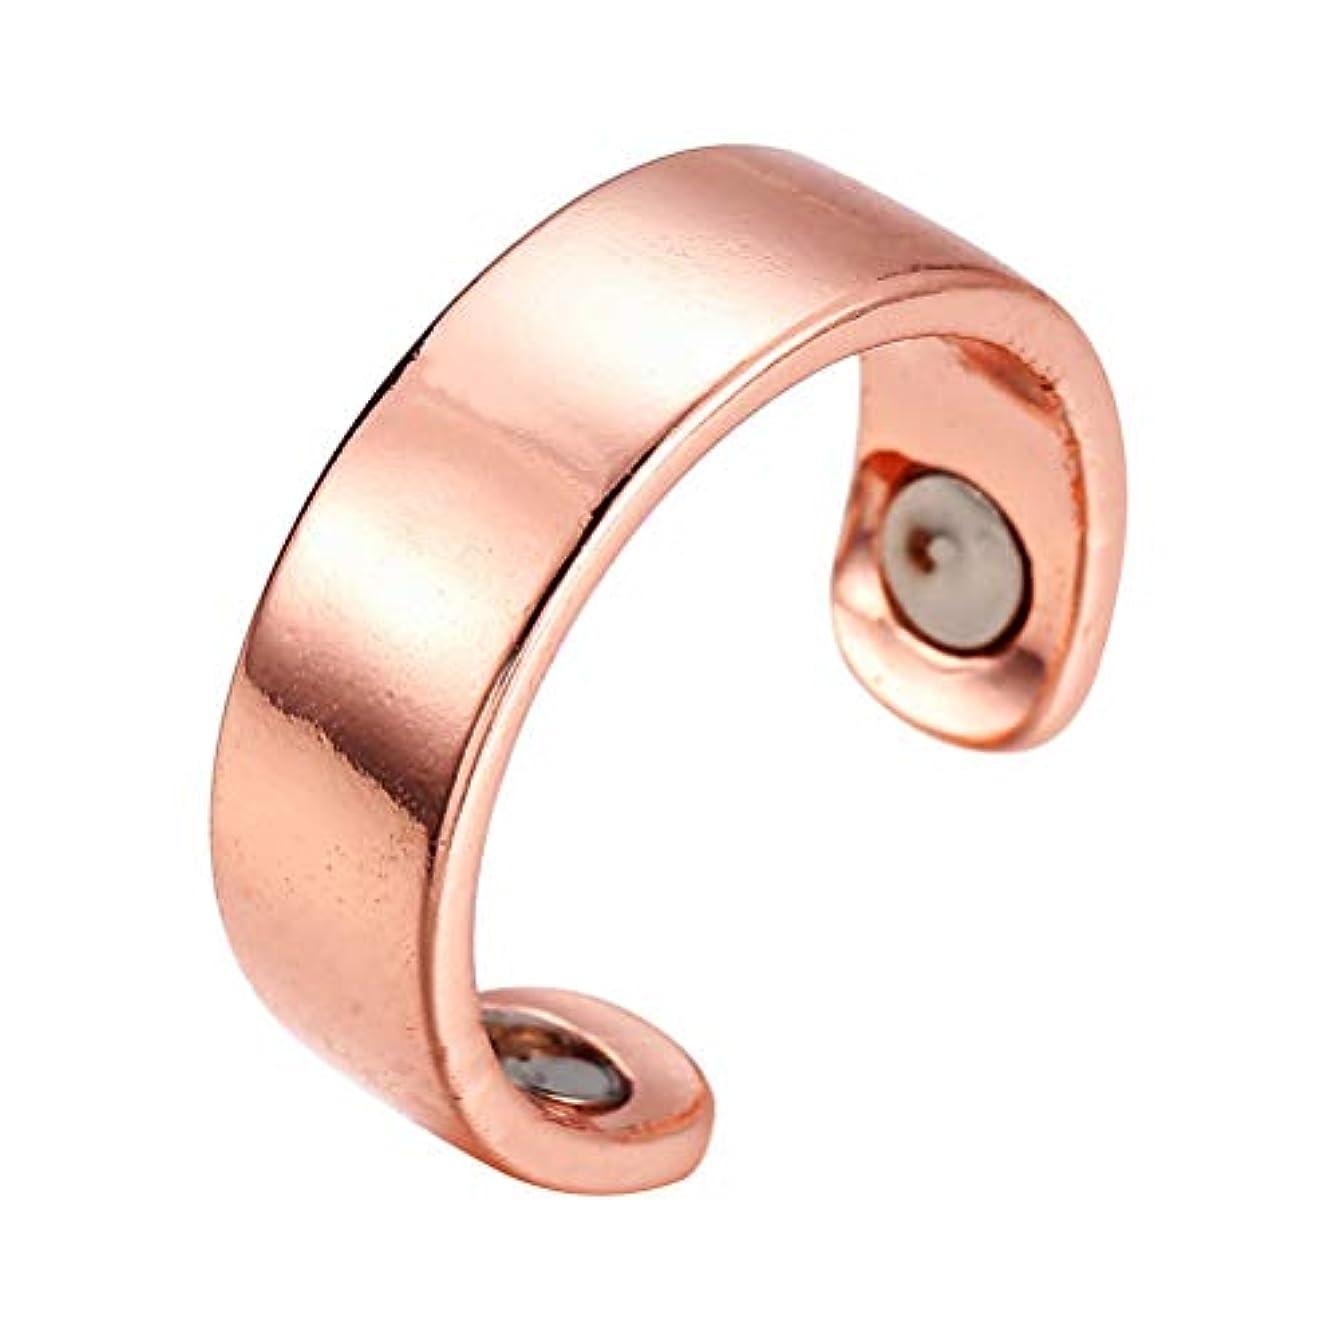 対抗ほのかライターSUPVOX 磁気リング療法指圧抗いびきリング息切れ治療指圧治療ヘルスケア関節炎